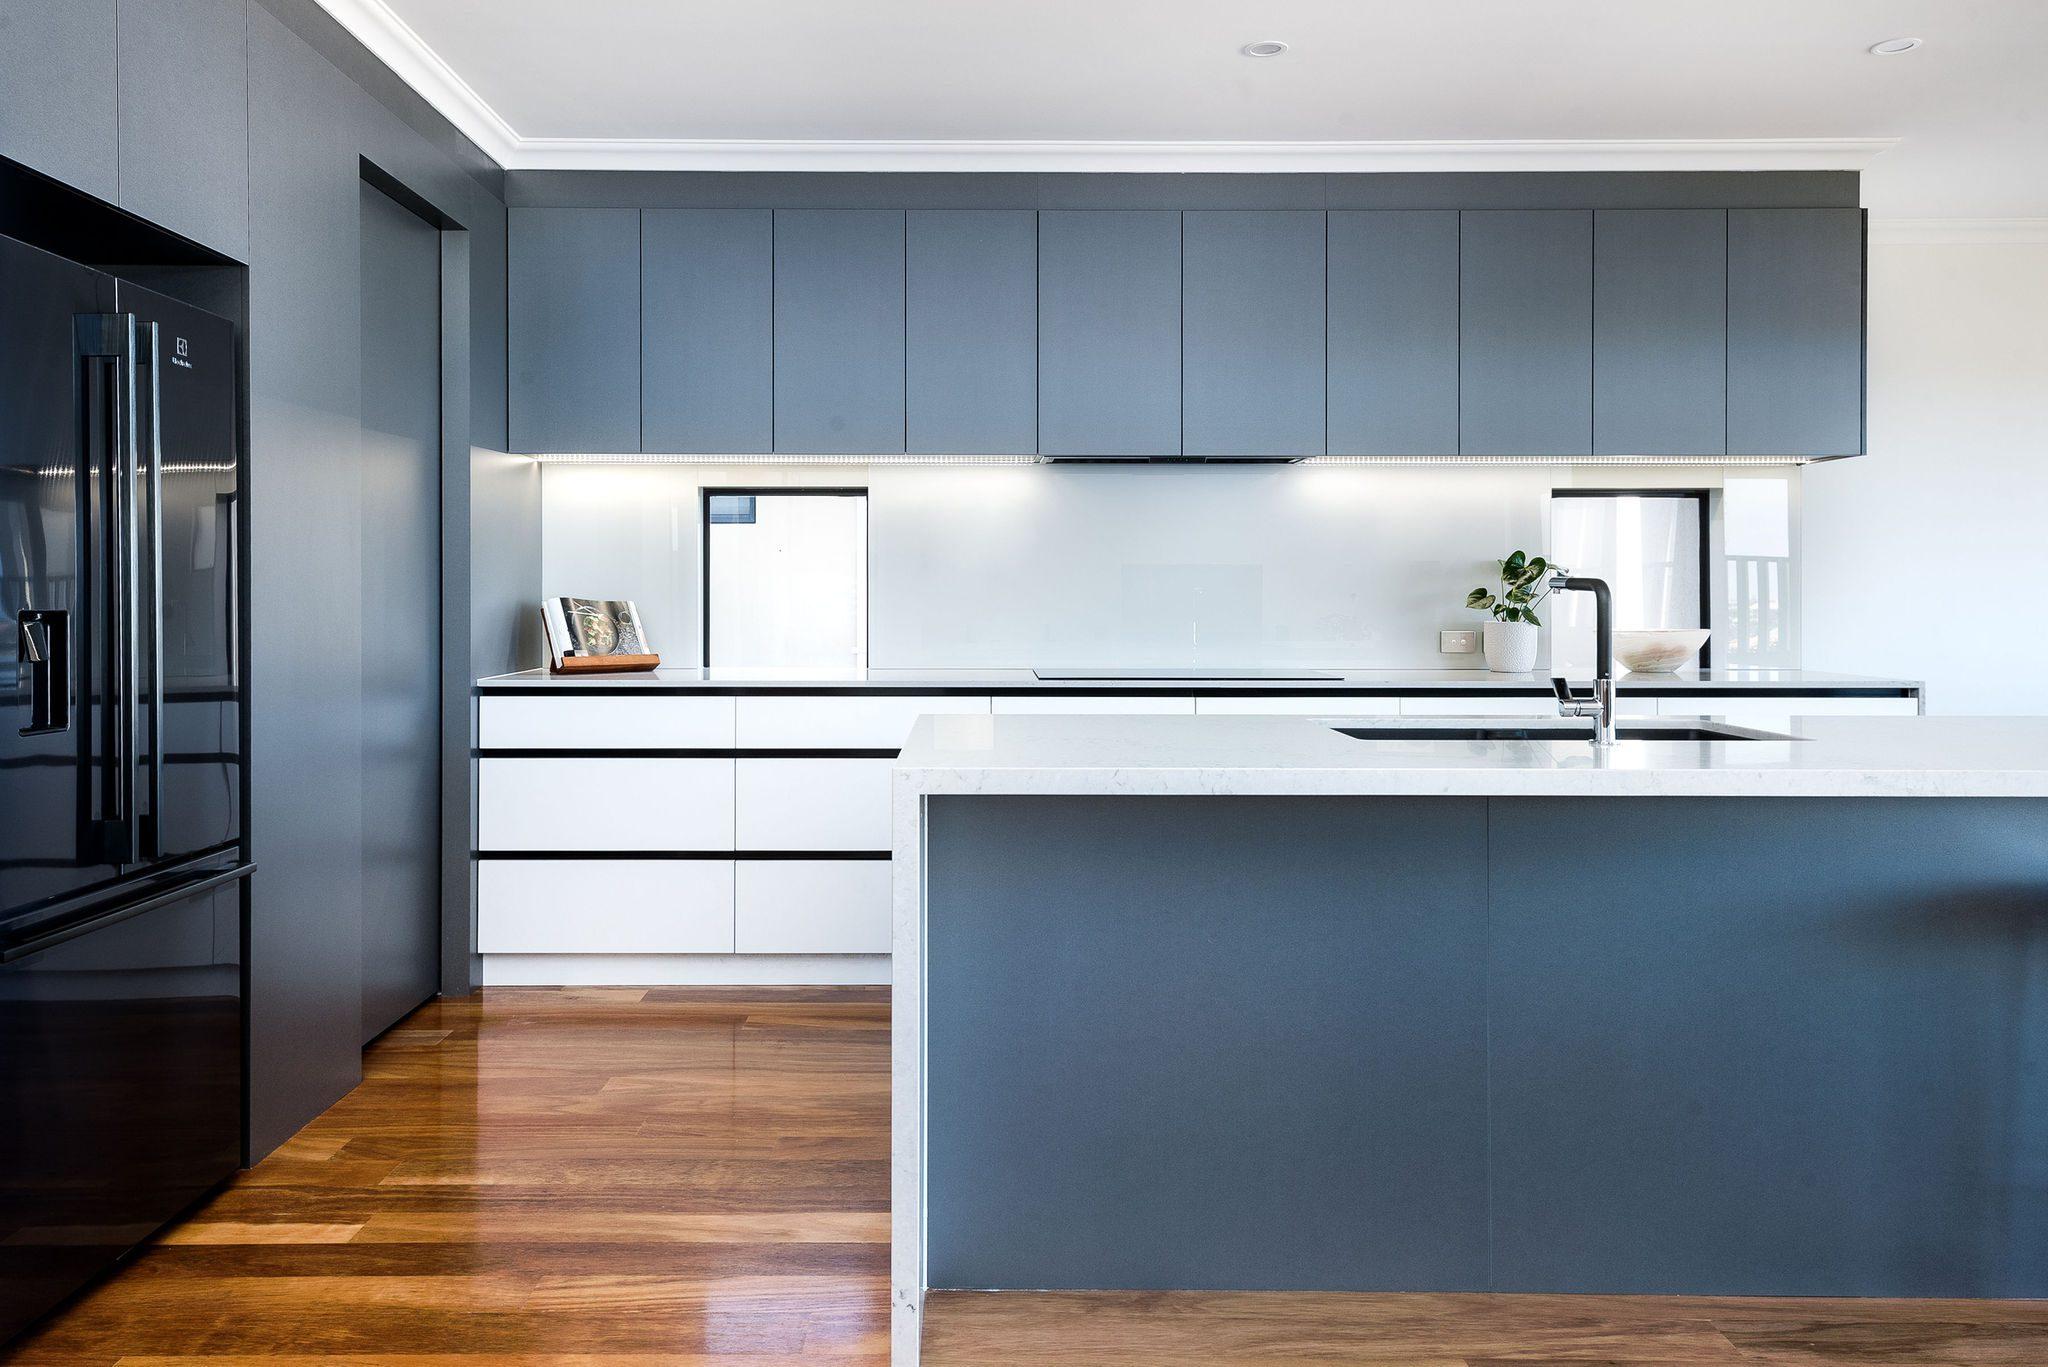 walkin-pantry-black-appliances-tapware-caesarstone-benchtop